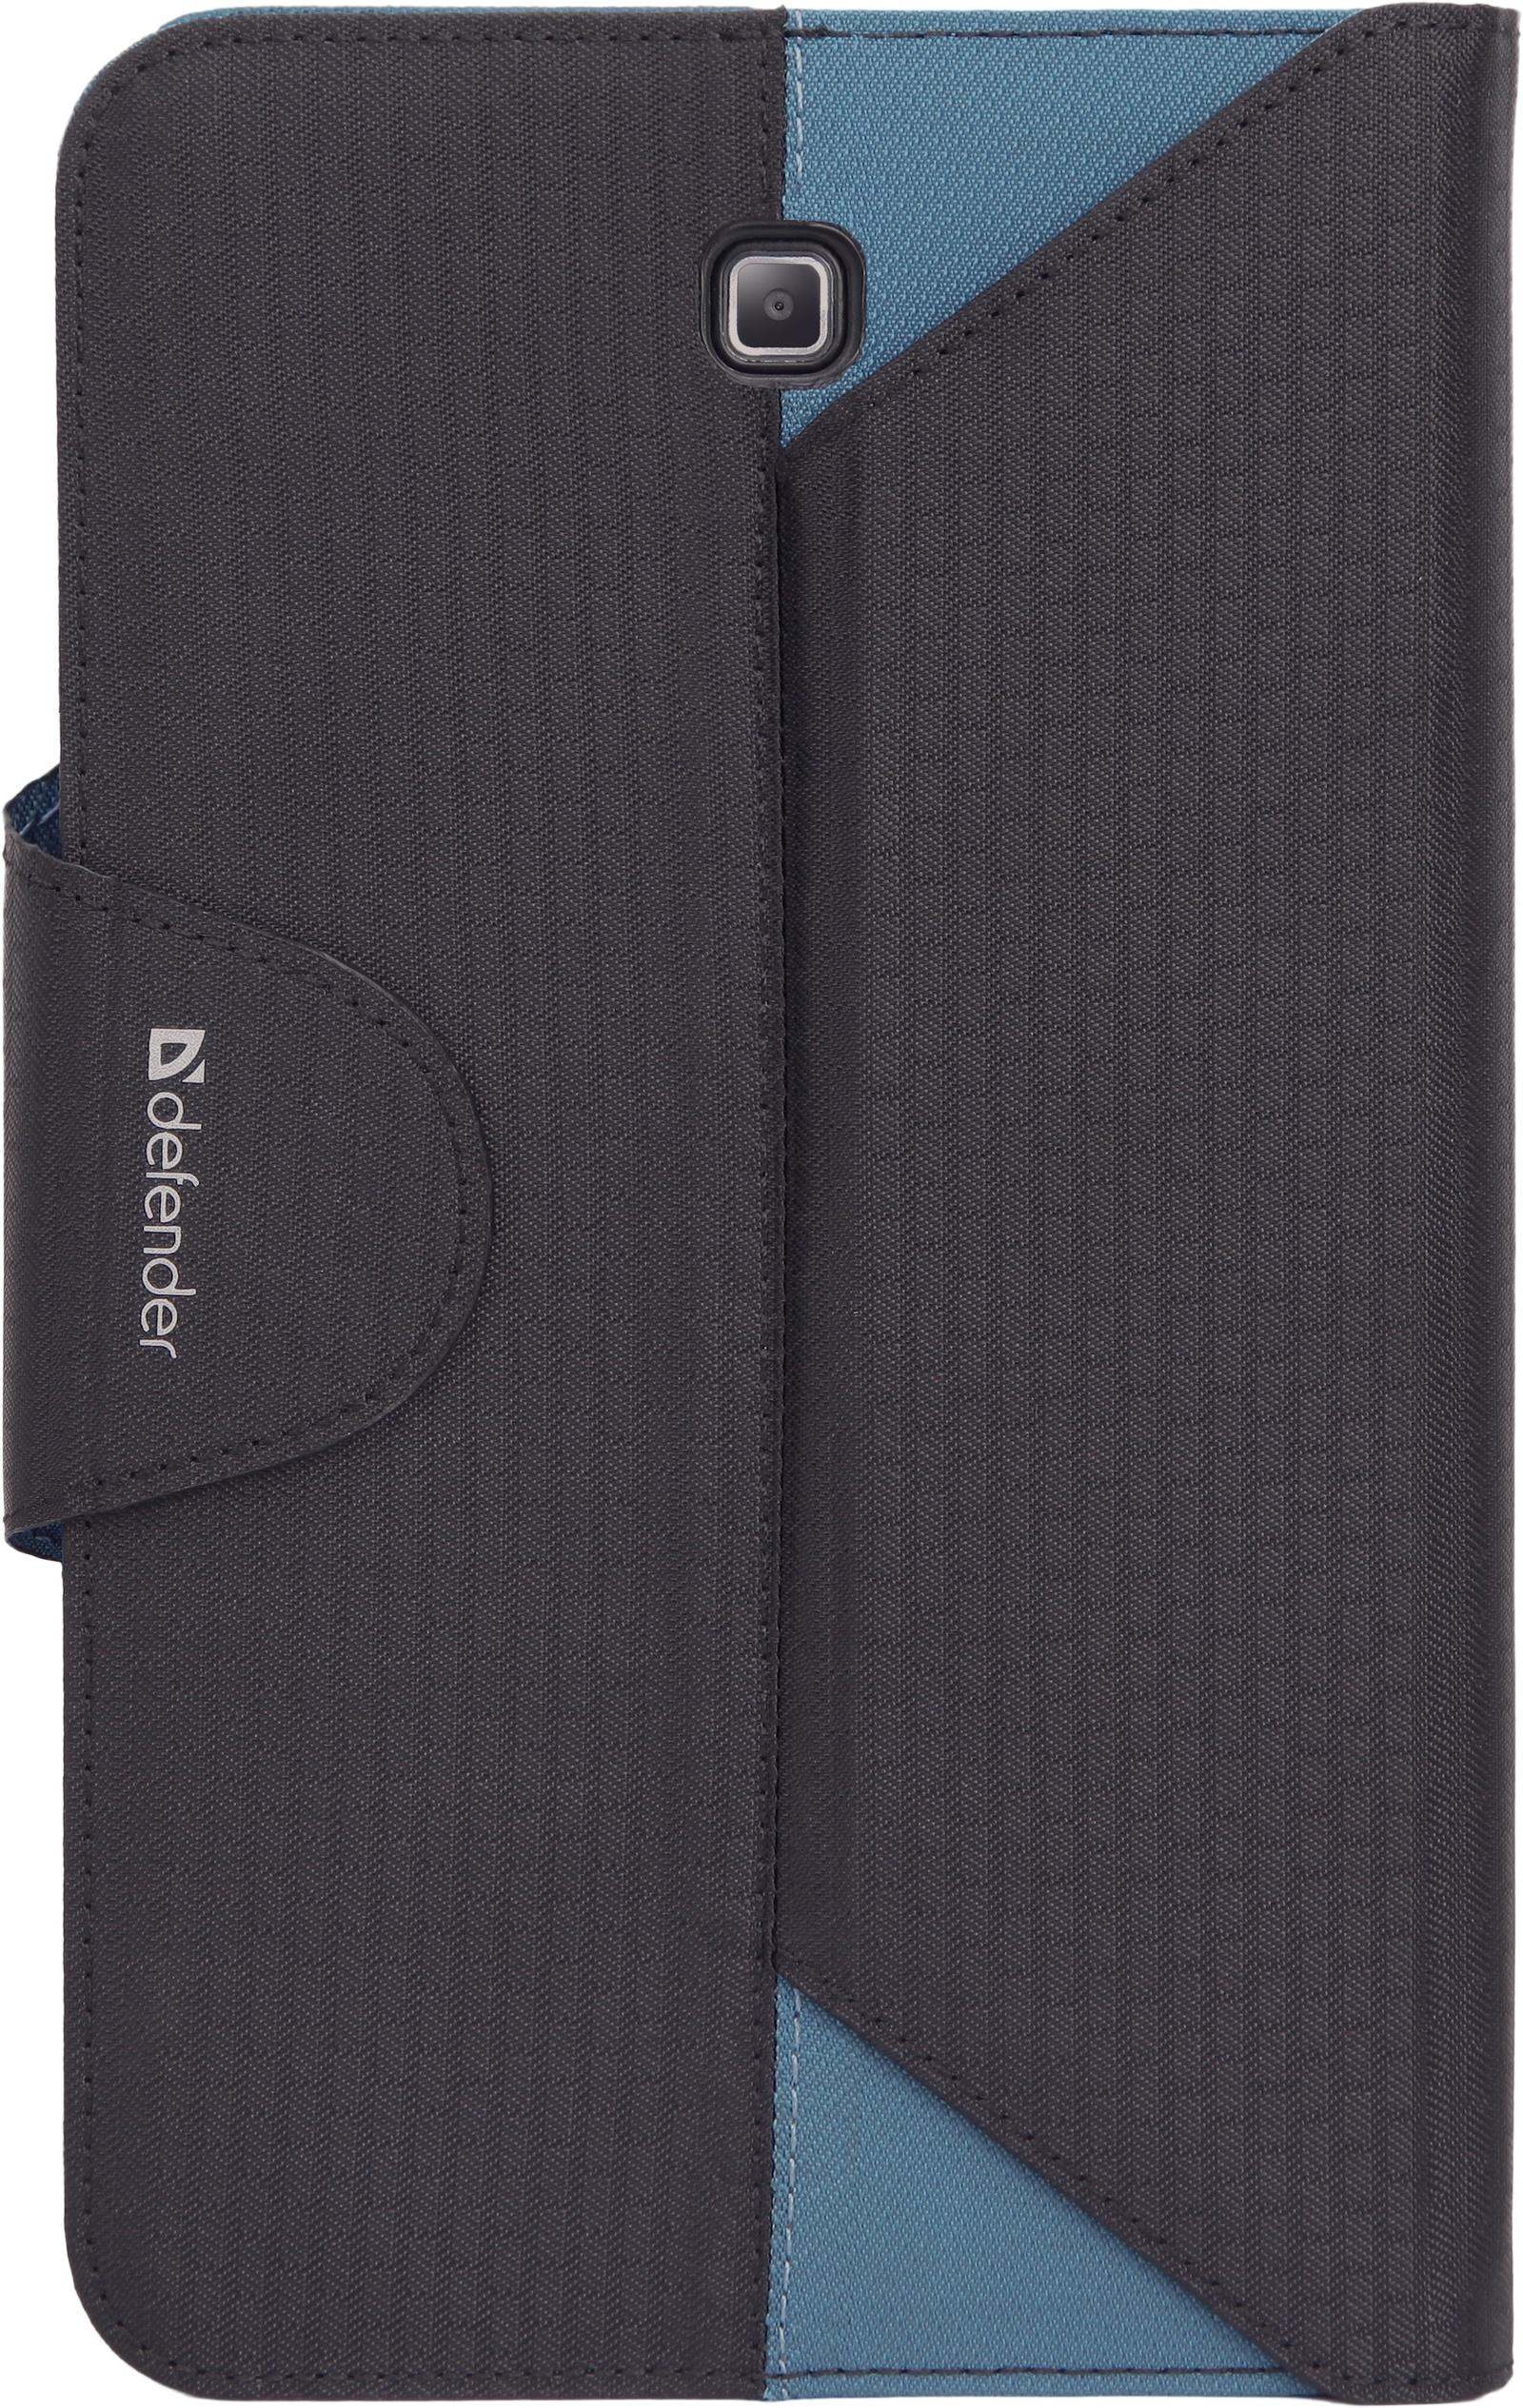 Чехол для планшета Defender Double case, 26074, черный, синий